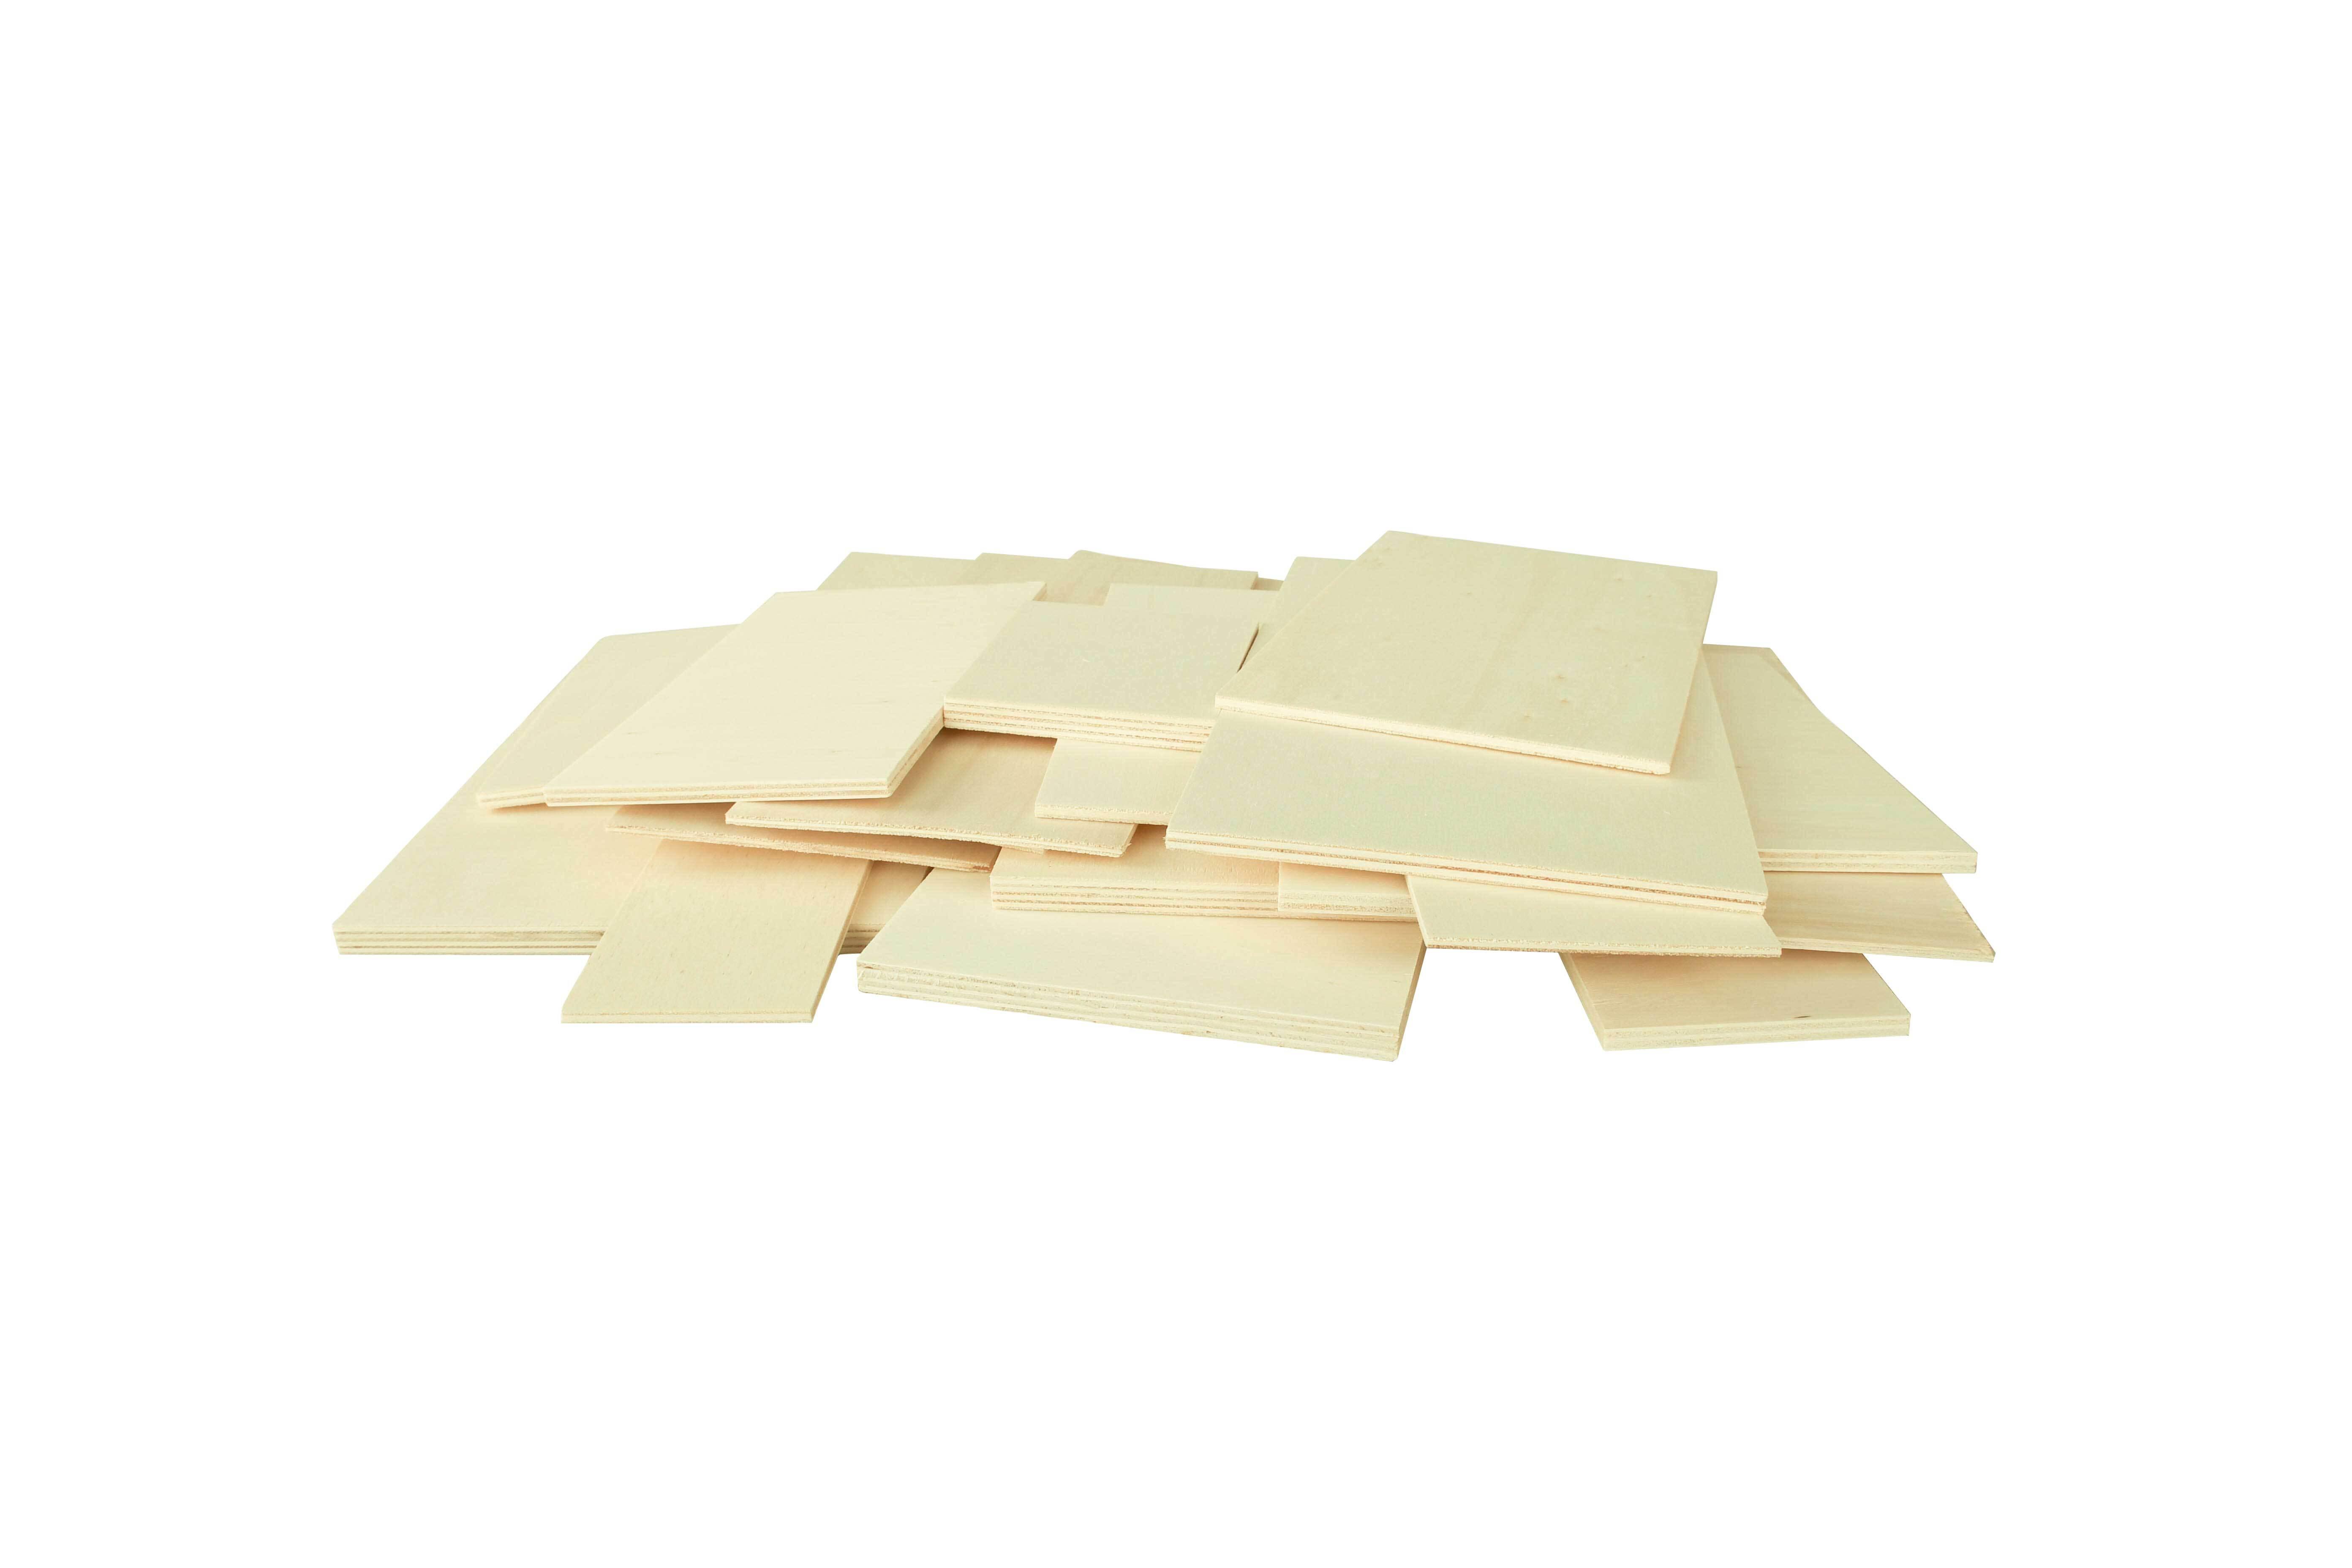 Pappelsperrholz, gemischt - 1 kg